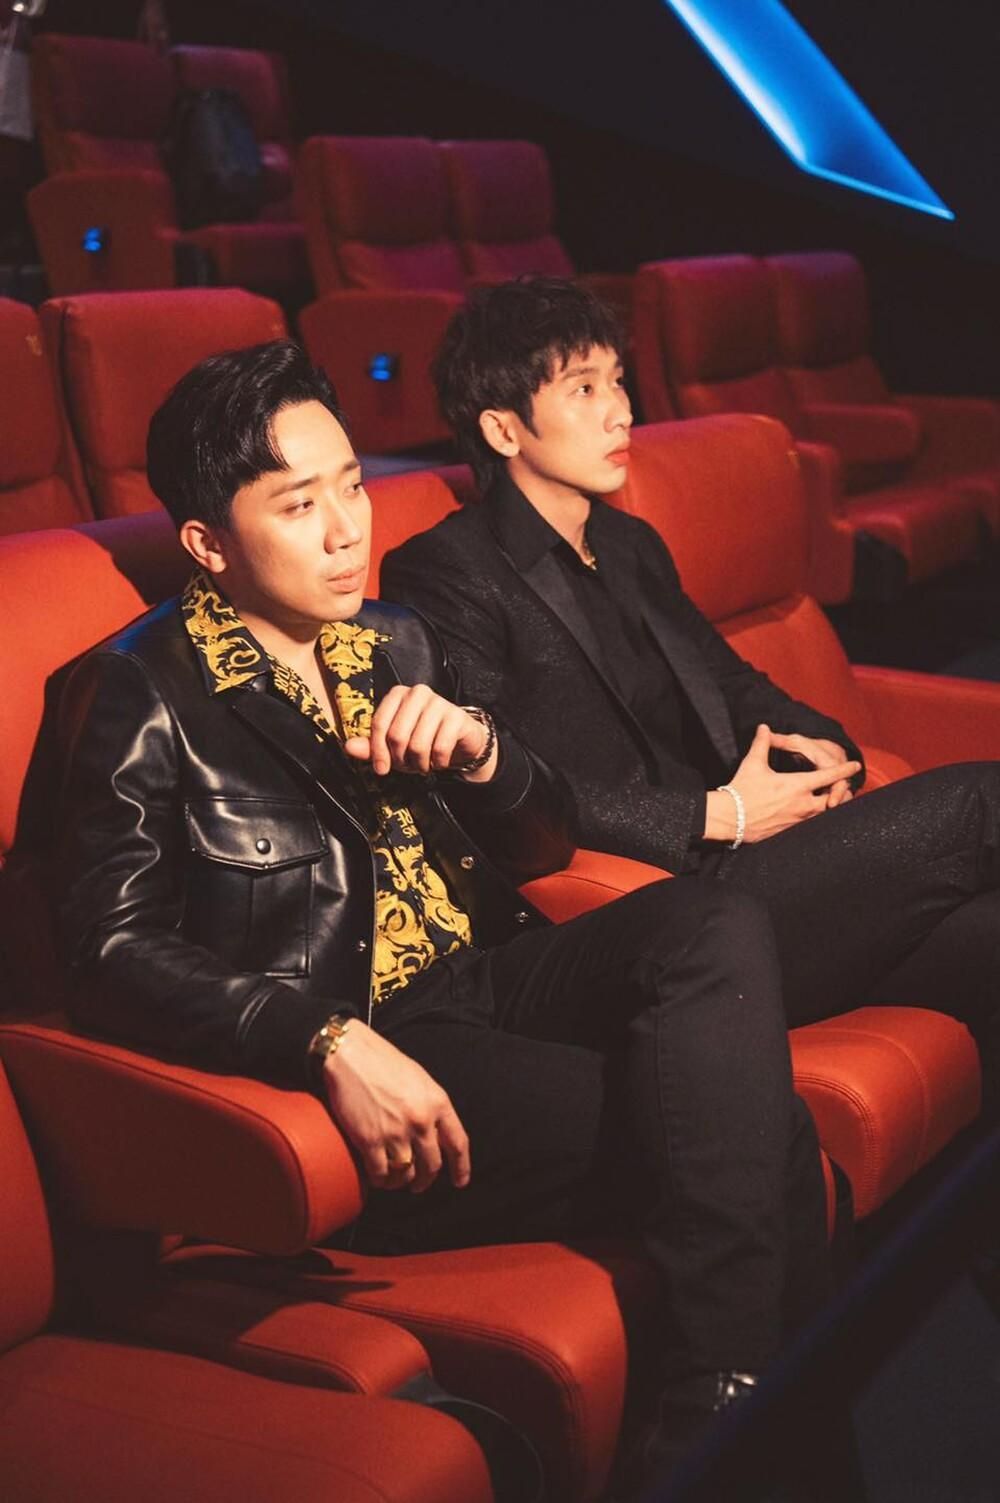 'Bố già' của Trấn Thành đạt cán mốc 400 tỷ với 5,3 triệu vé sau 1 tháng ra mắt: Sắp chiếu tại nước ngoài! Ảnh 5